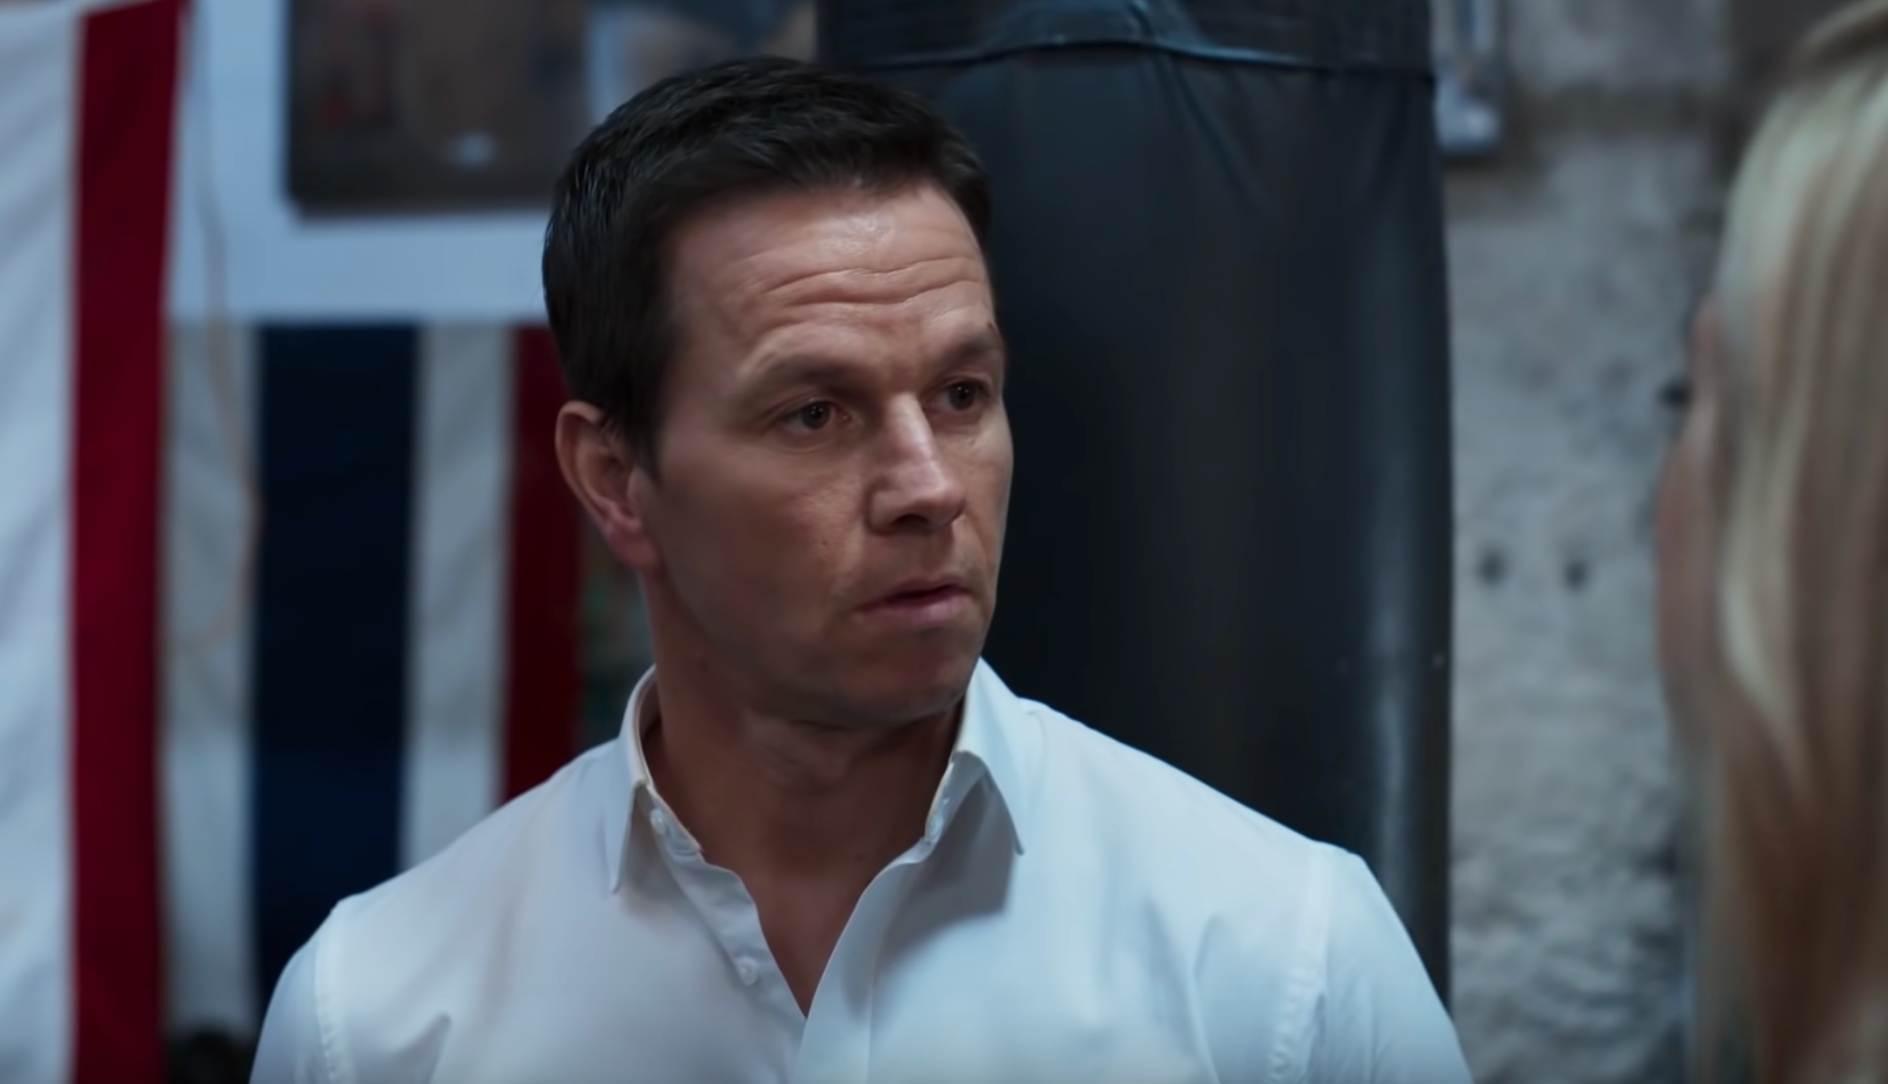 2020年最新电影《斯宾塞的机密任务在线观看》:马克沃尔伯格的特工电影